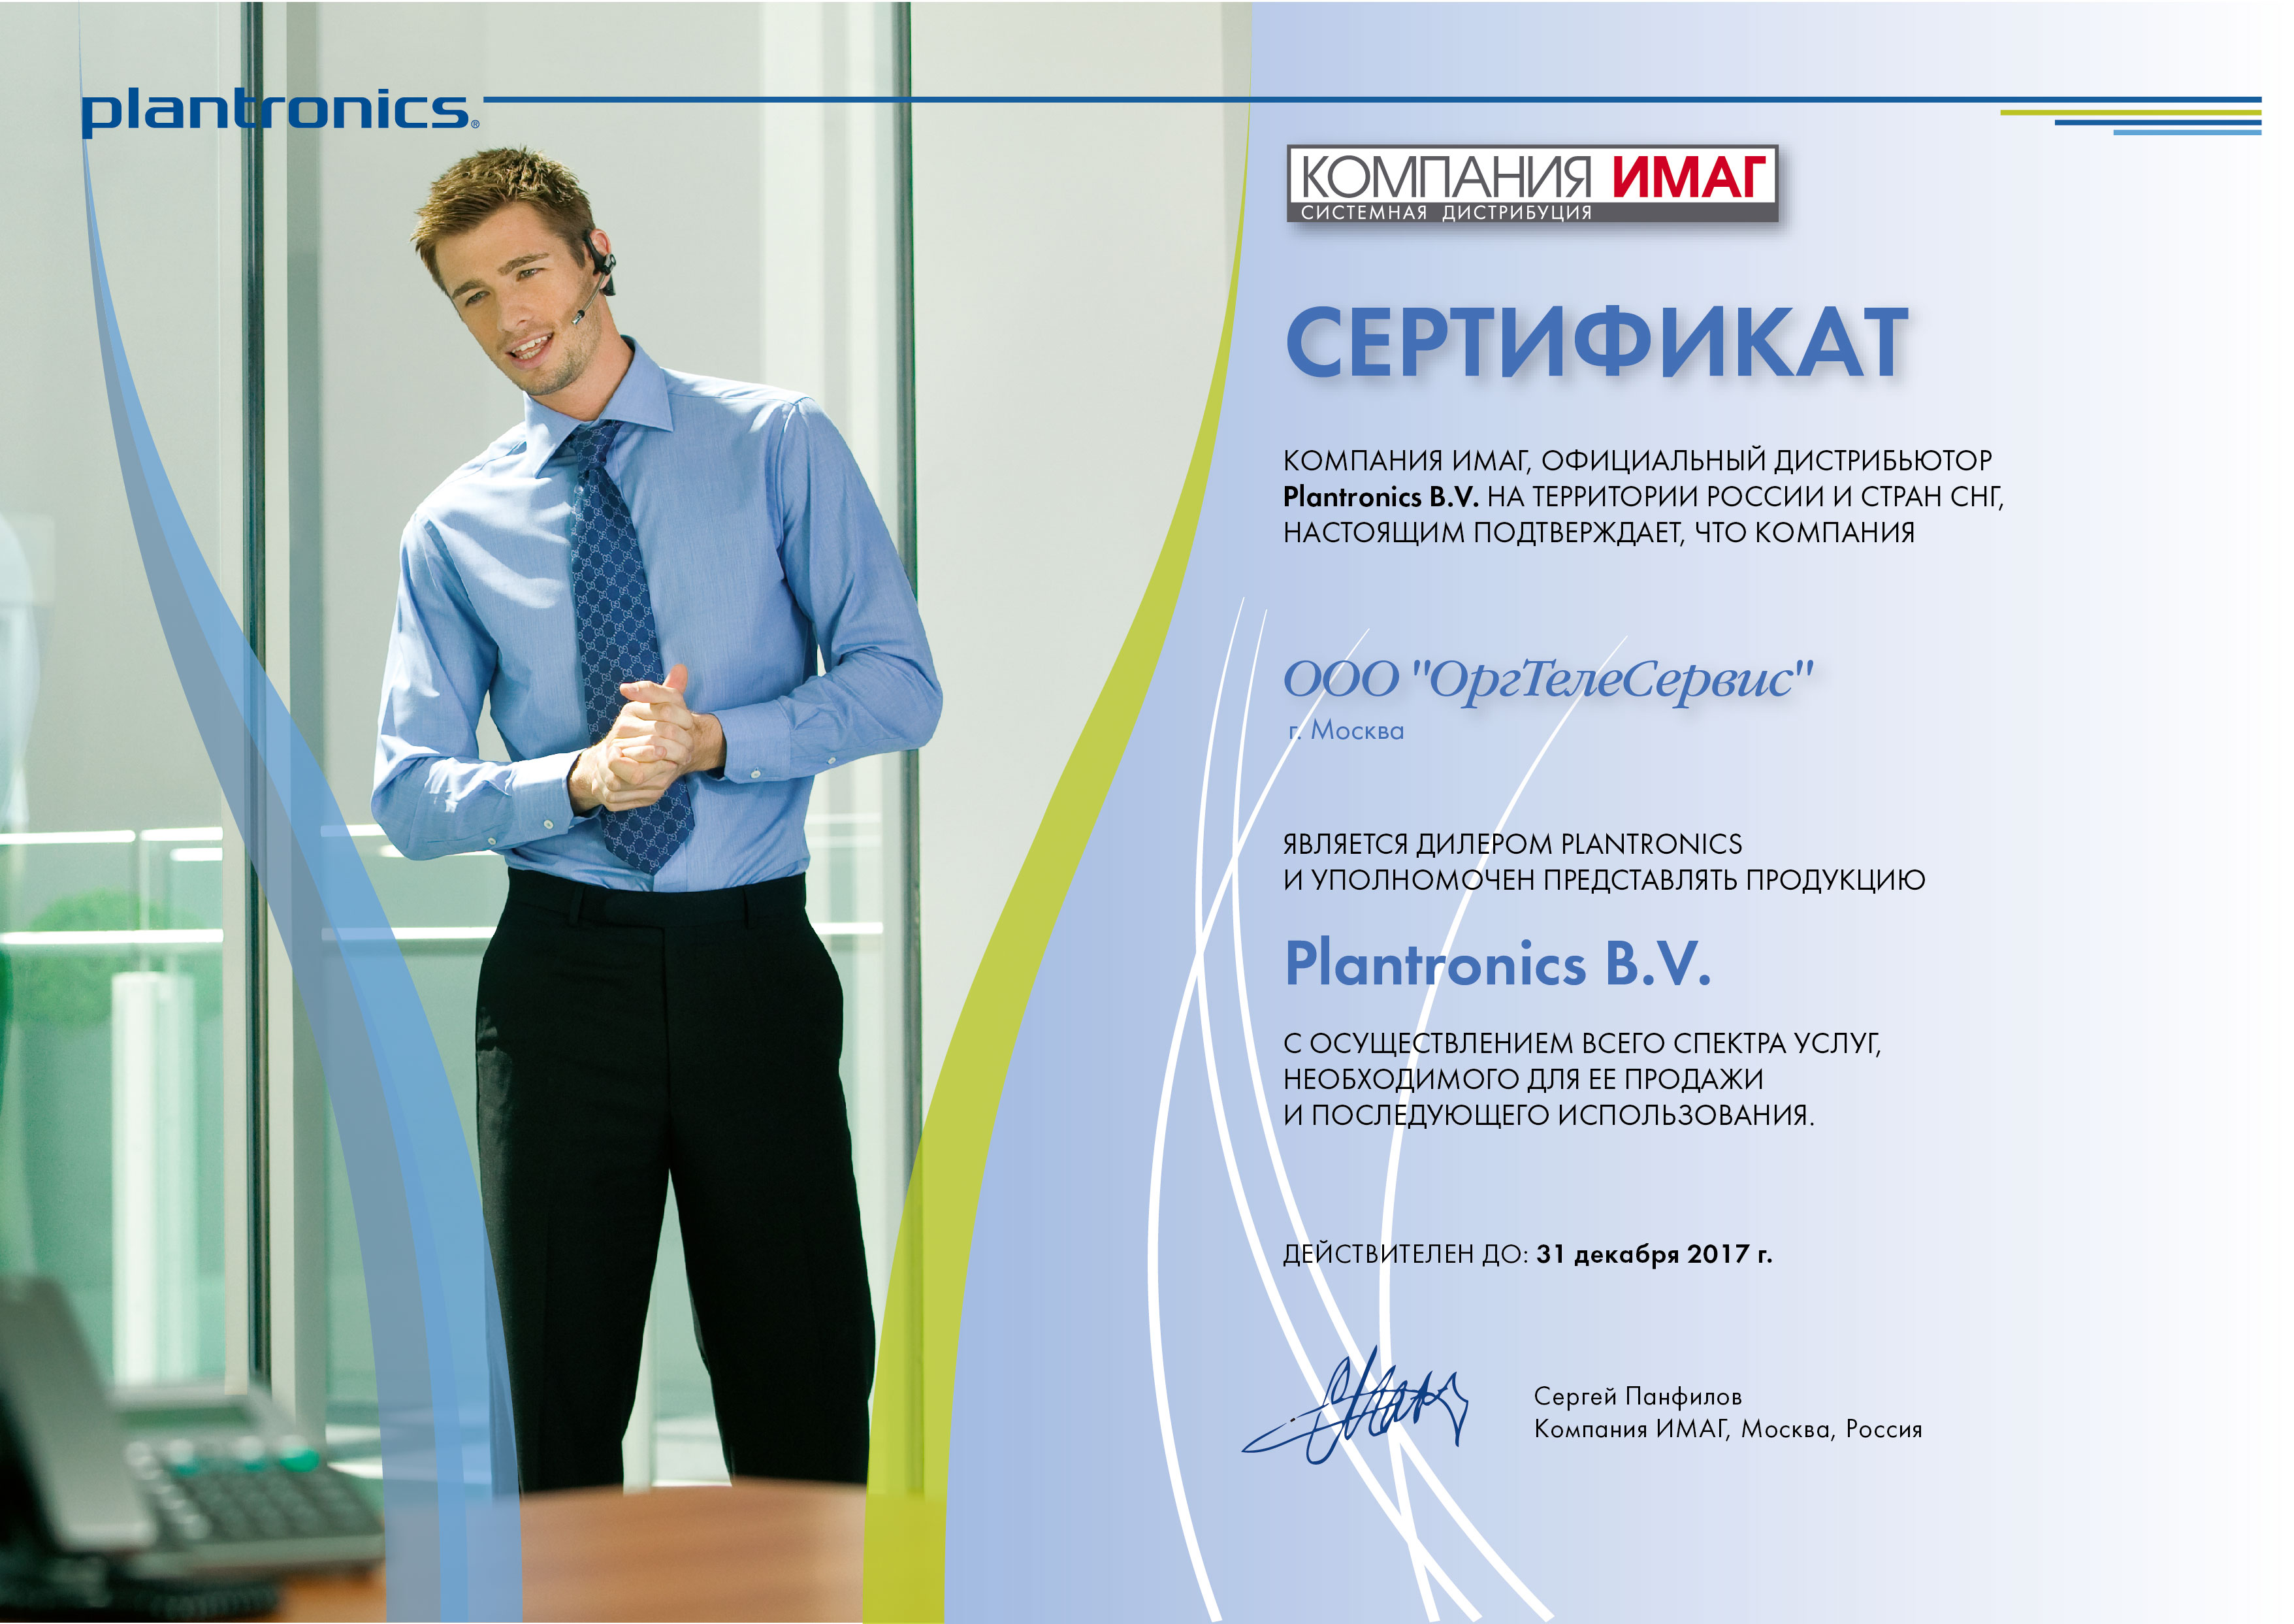 Cert Plantronics2017 Сертификаты